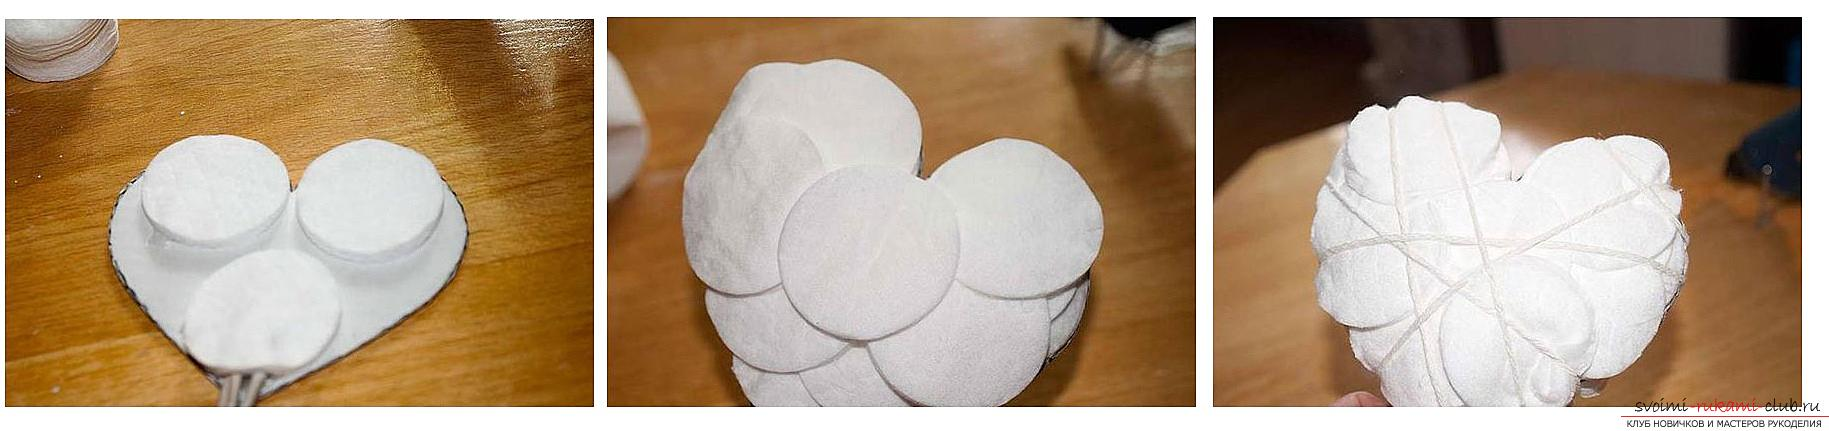 Пошаговое фото как сделать топиарий